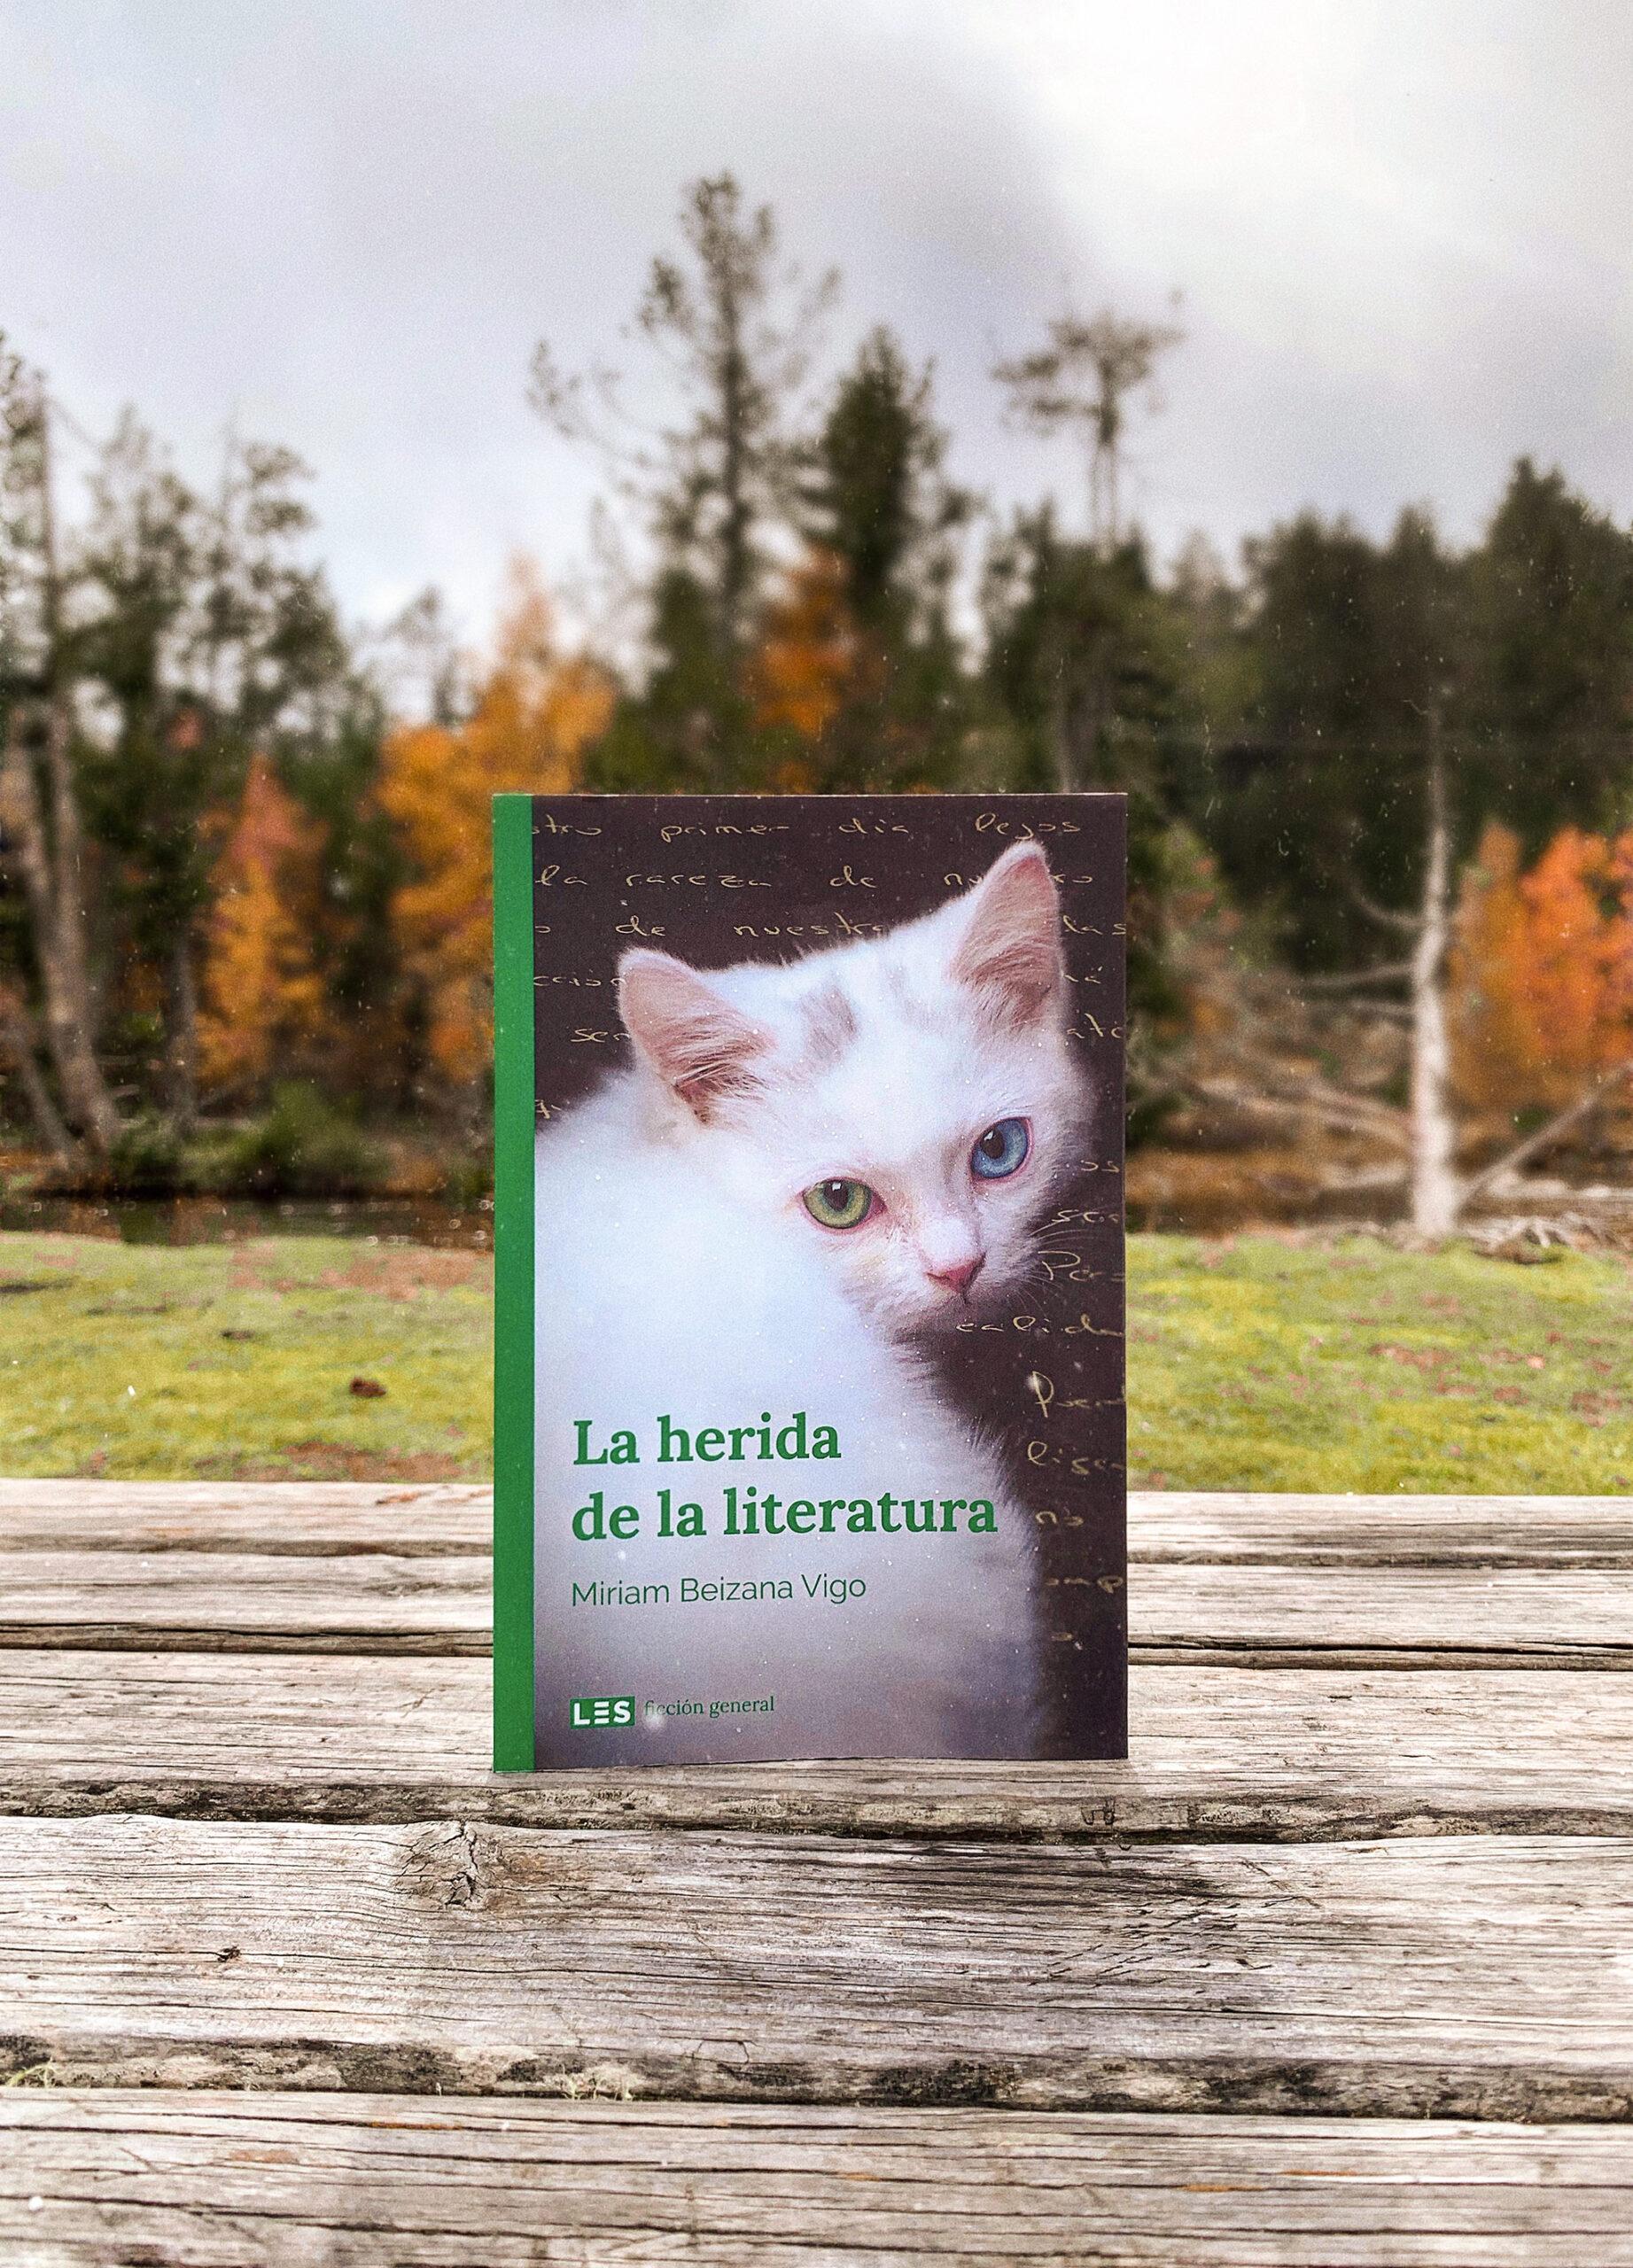 Reseña: La herida de la literatura. Miriam Beizana